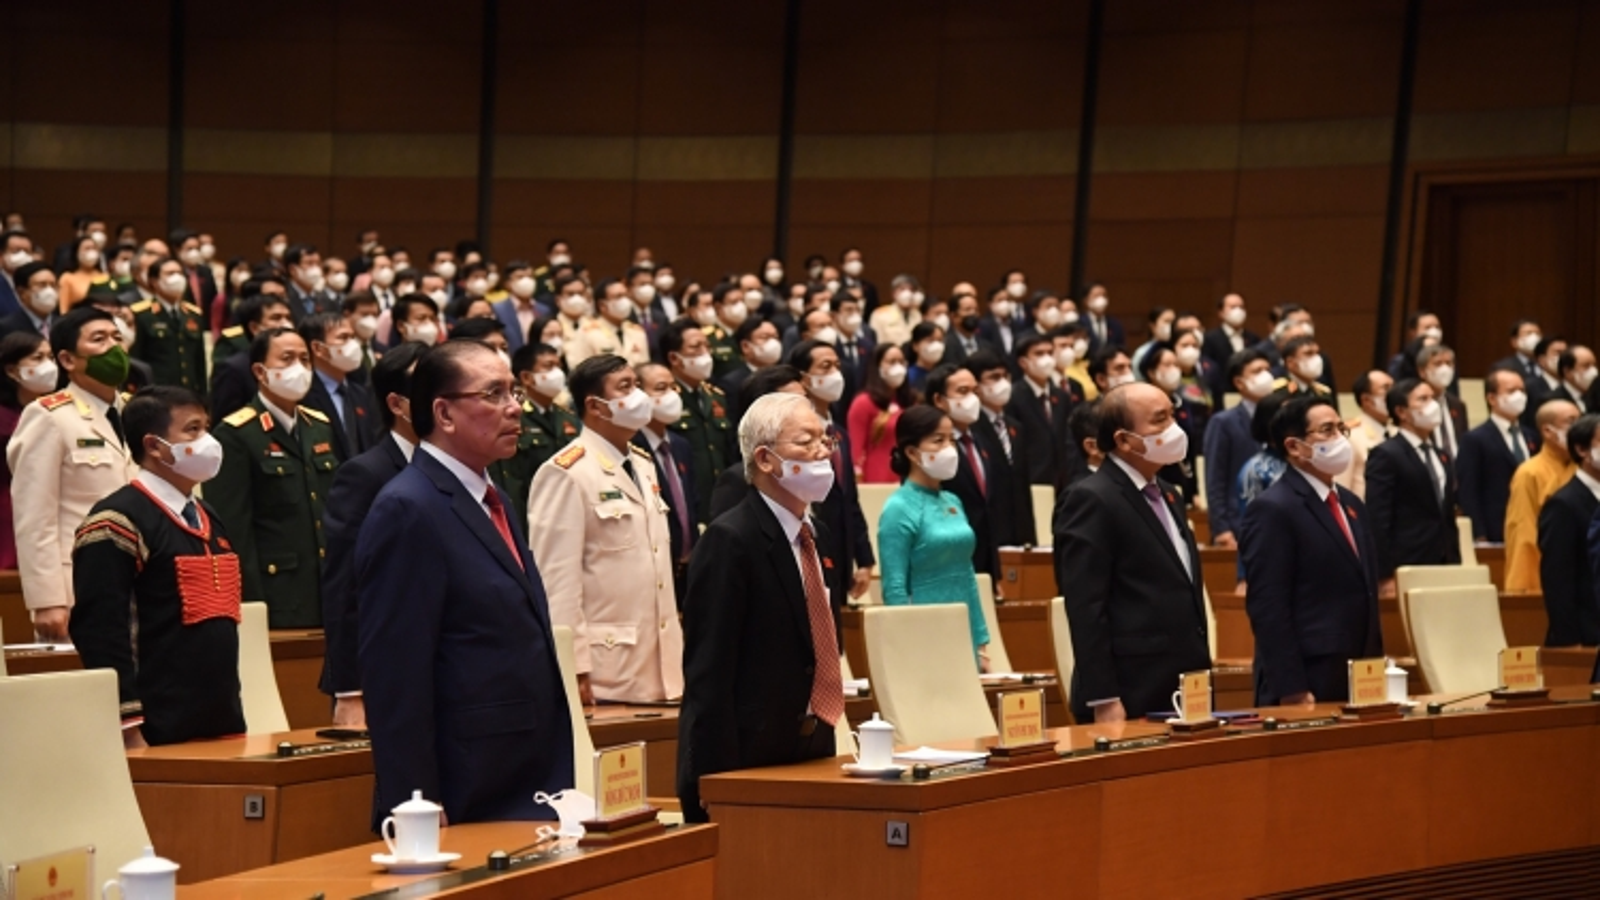 Bế mạc kỳ họp thứ nhất, Quốc hội khóa XV, sớm hơn 8 ngày so với dự kiến